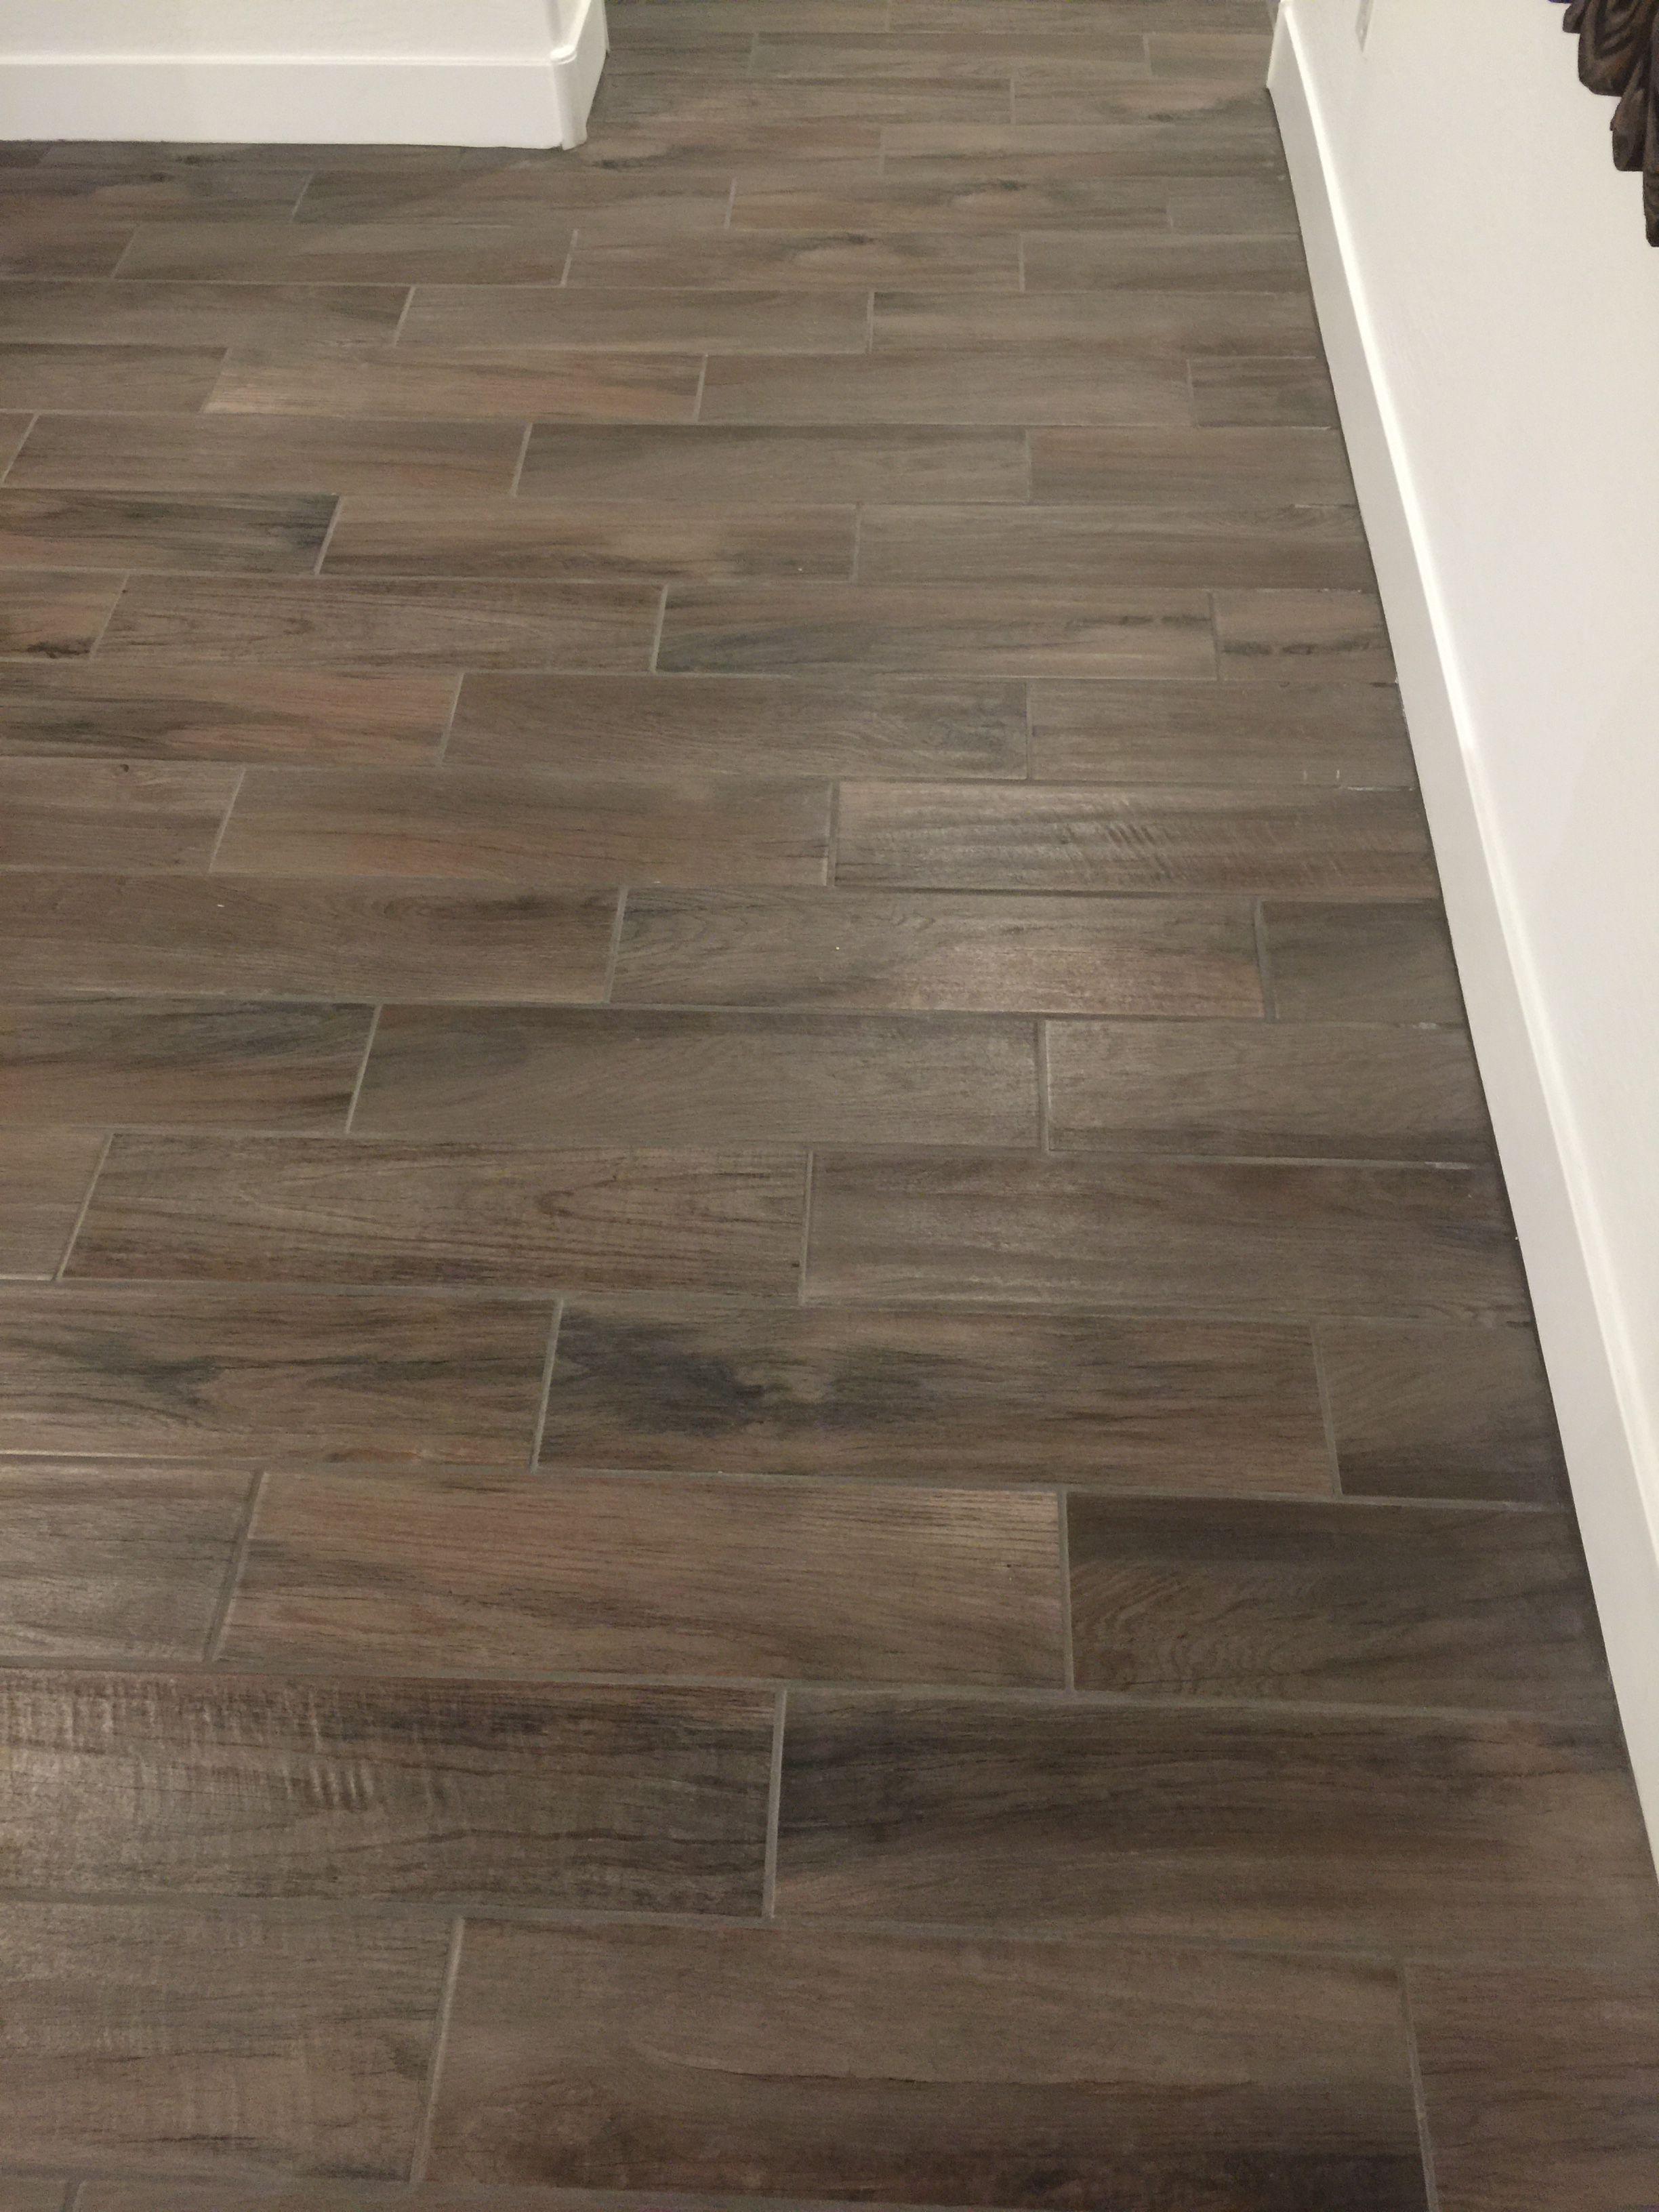 Marazzi Norwood Chestnut Tile Flooring In 2019 Marazzi